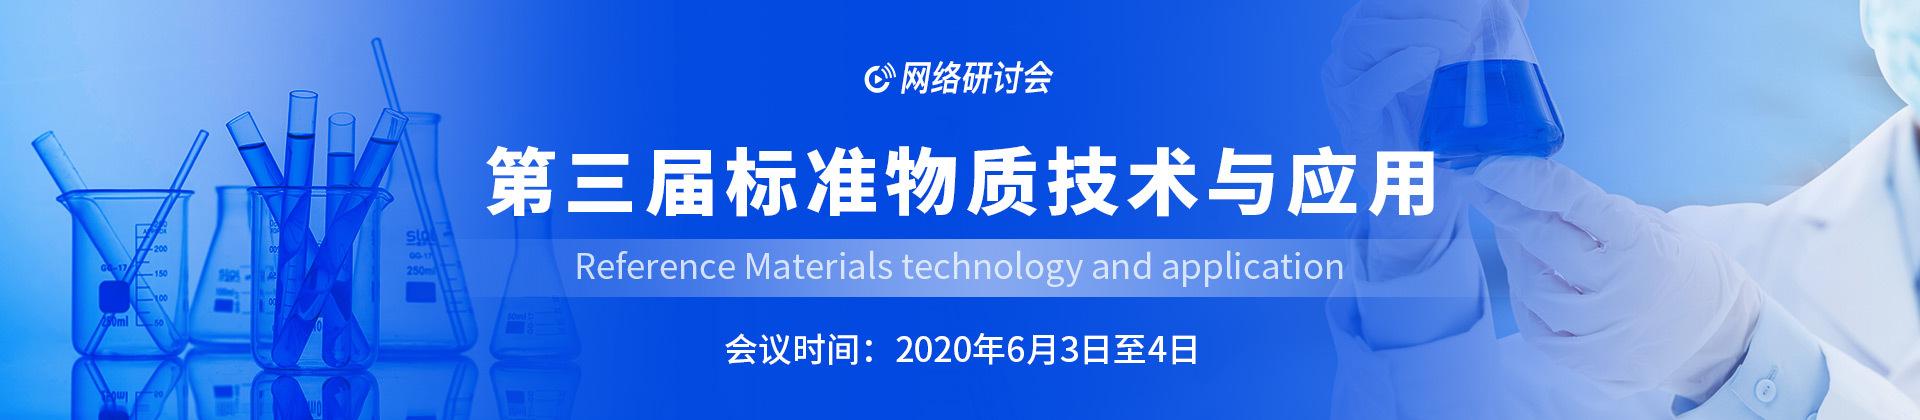 """2020-06-03 09:00 """"第三届标准物质技术与应用""""主题网络研讨会"""